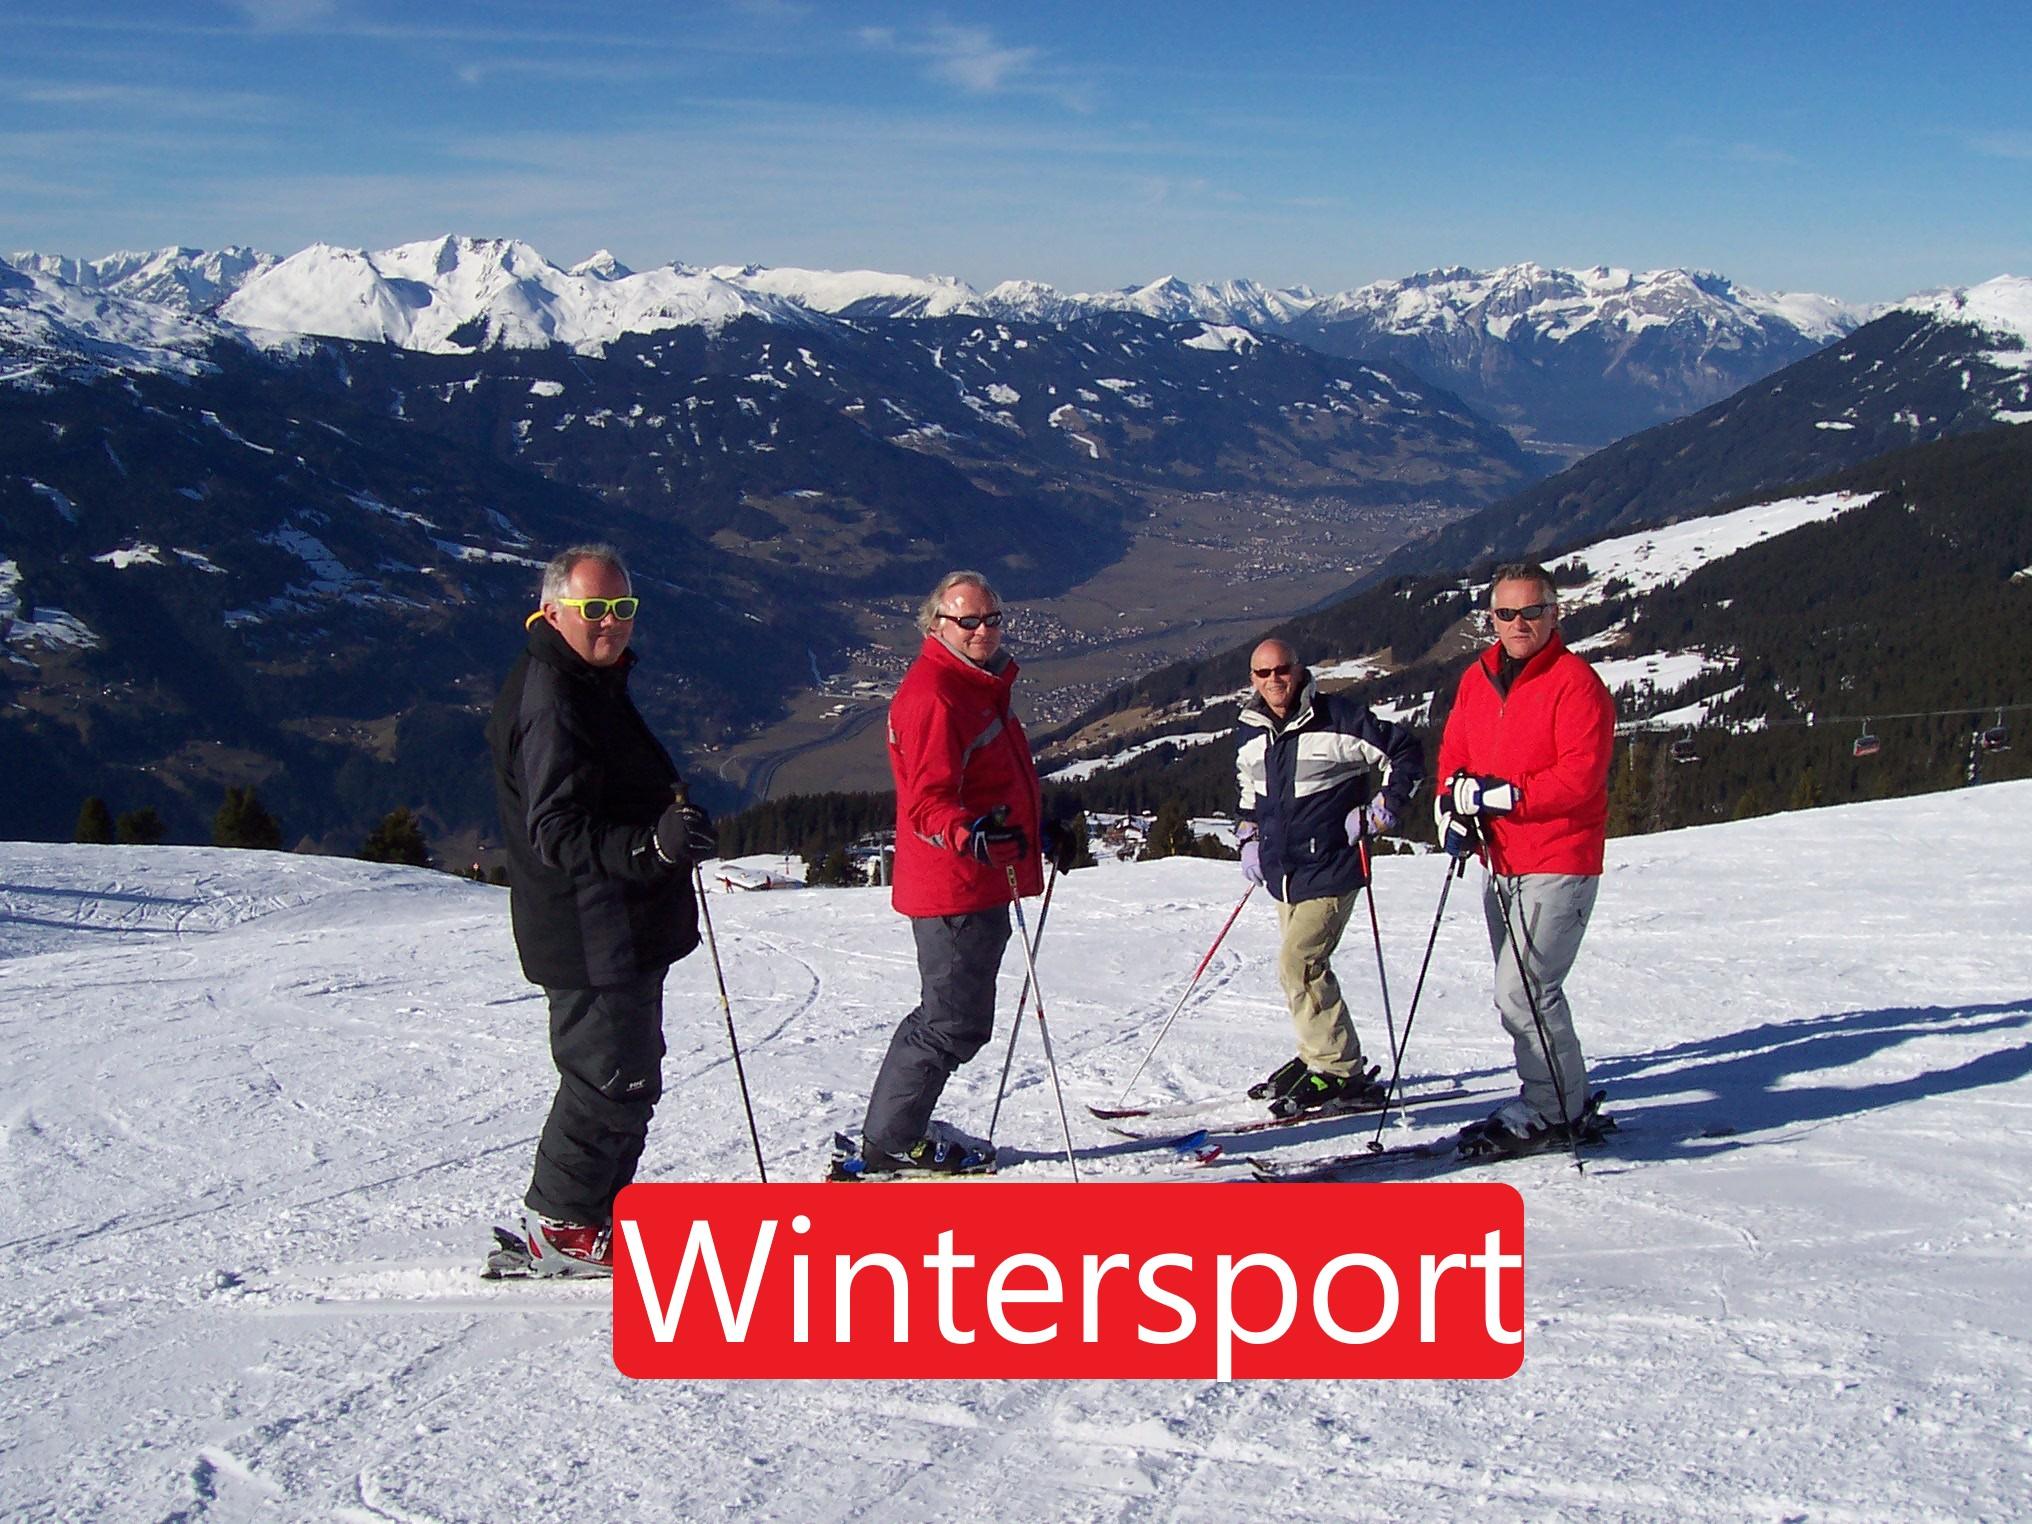 wintersport-3.jpg